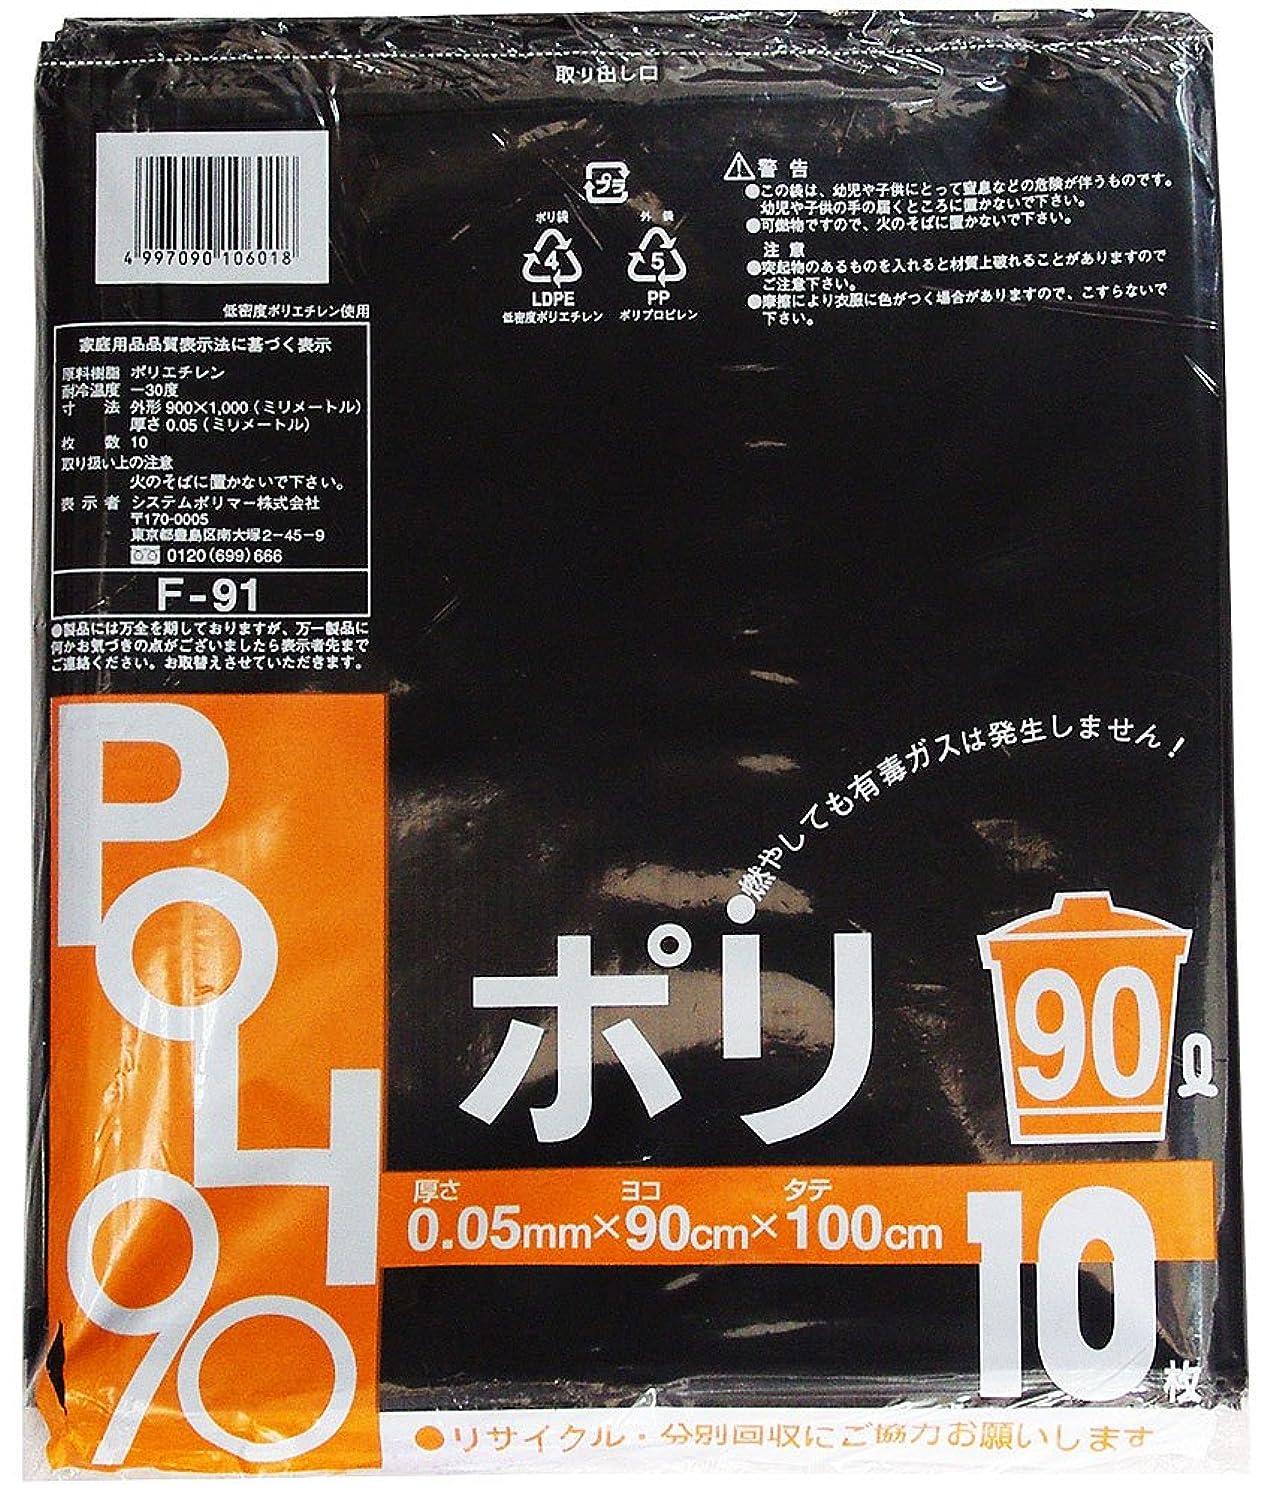 叙情的な細分化する注ぎます日本技研工業 ゴミ袋 半透明 30L 厚み0.03mm 東京都23区 旧推奨ごみ袋 厚くて丈夫 炭カル 容量表記入り NKG-35 50枚入